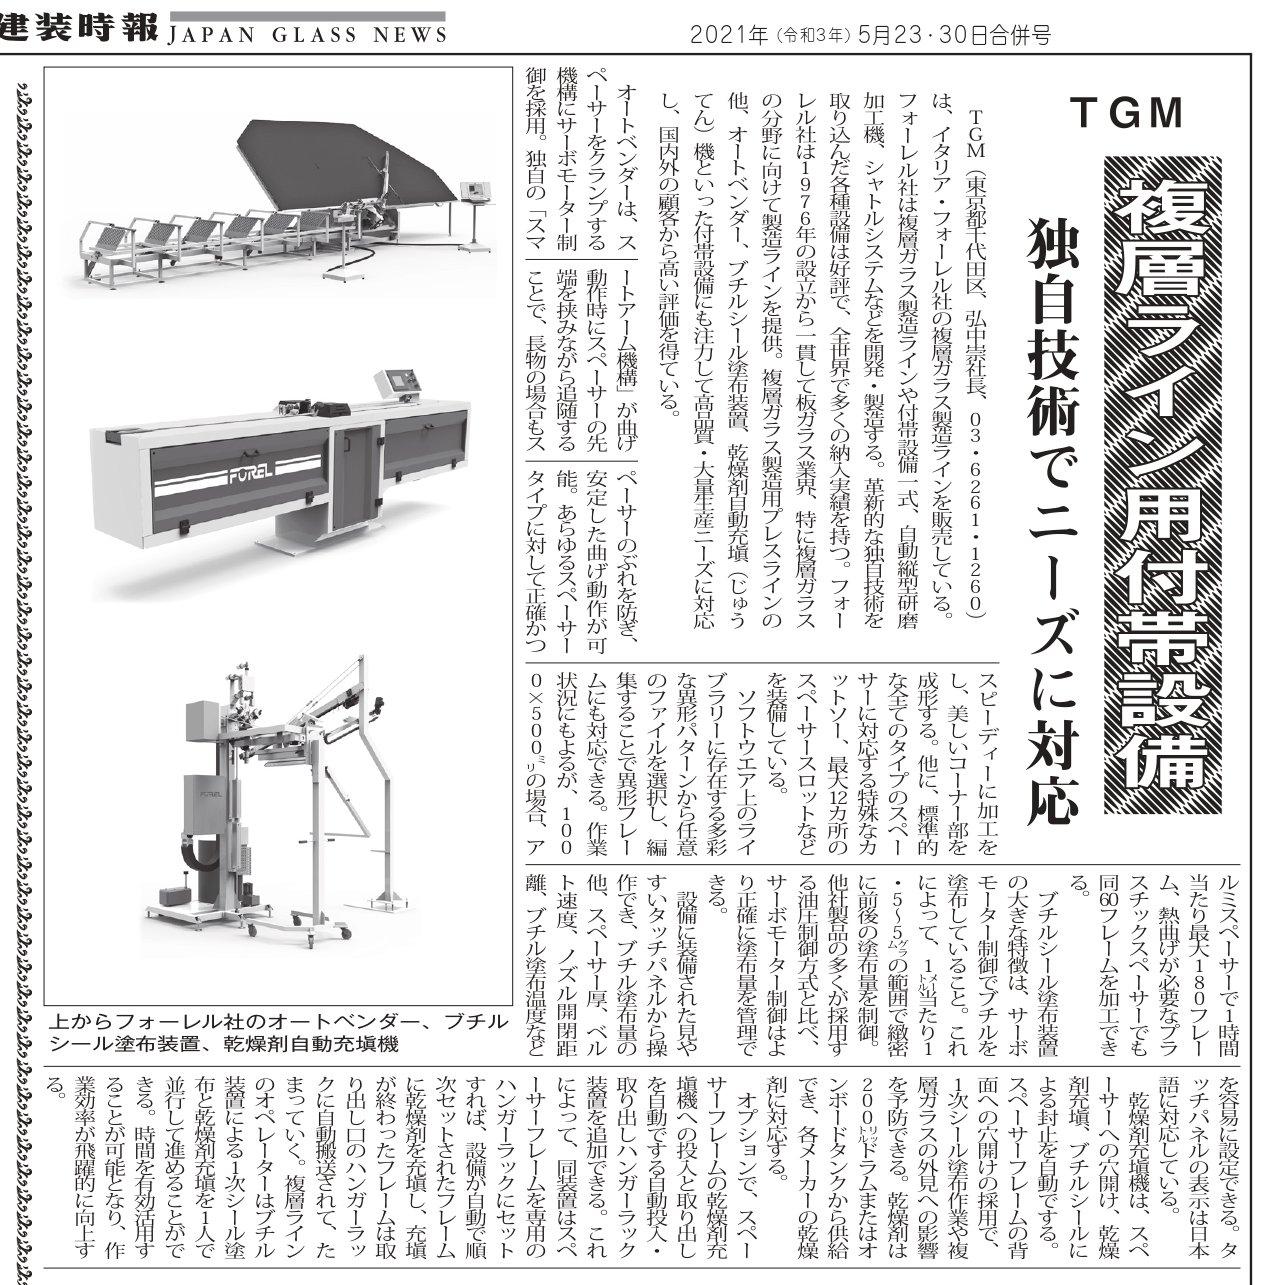 2021.05.23-30 合併号 ガラス・建装時報 記事.jpg